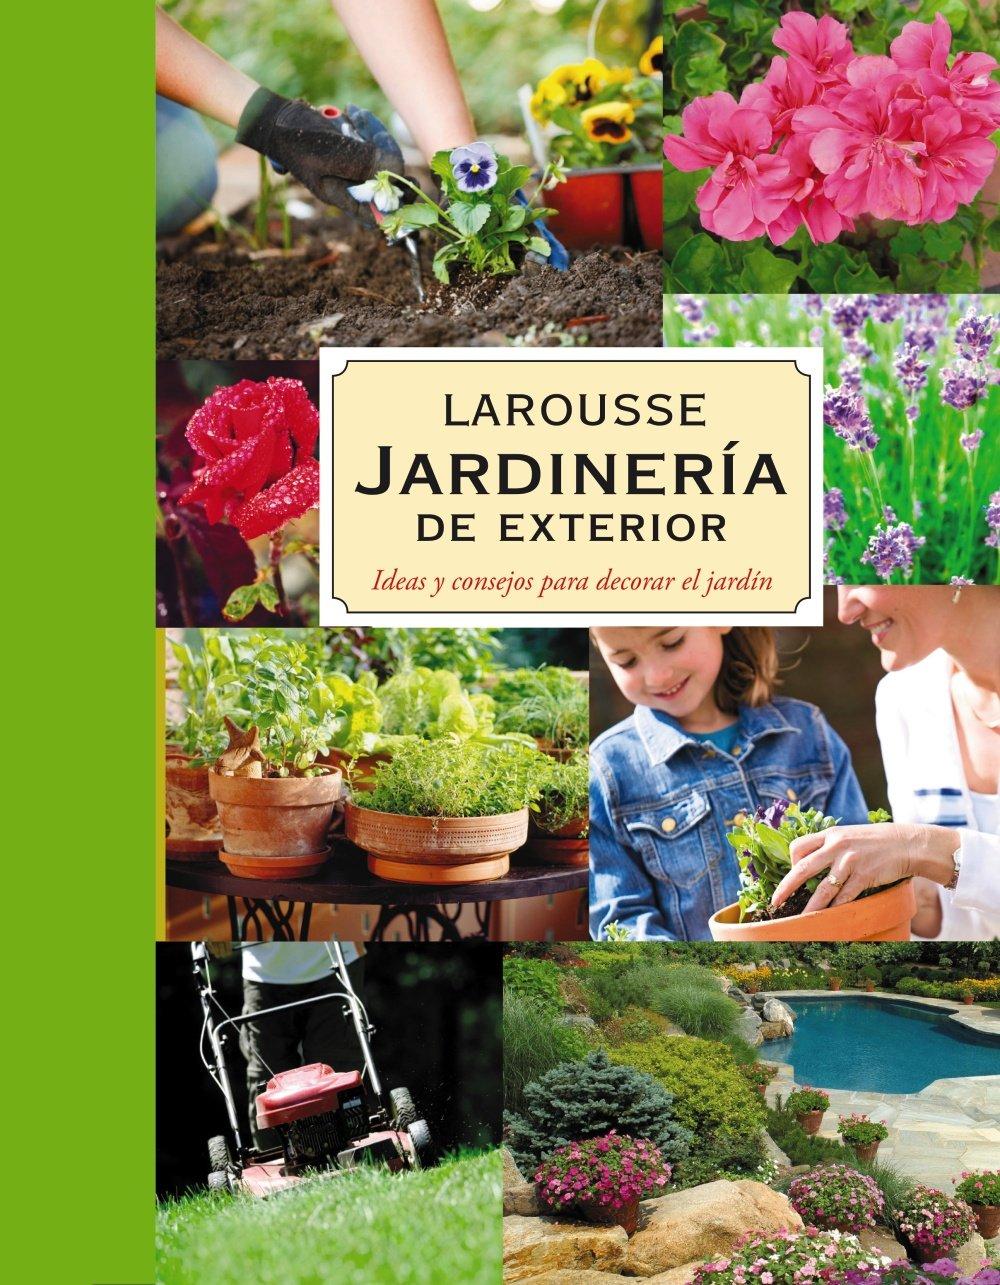 Jardinería. Plantas de exterior Larousse - Libros Ilustrados/ Prácticos - Ocio Y Naturaleza - Jardinería - Larousse De...: Amazon.es: Aa.Vv.: Libros